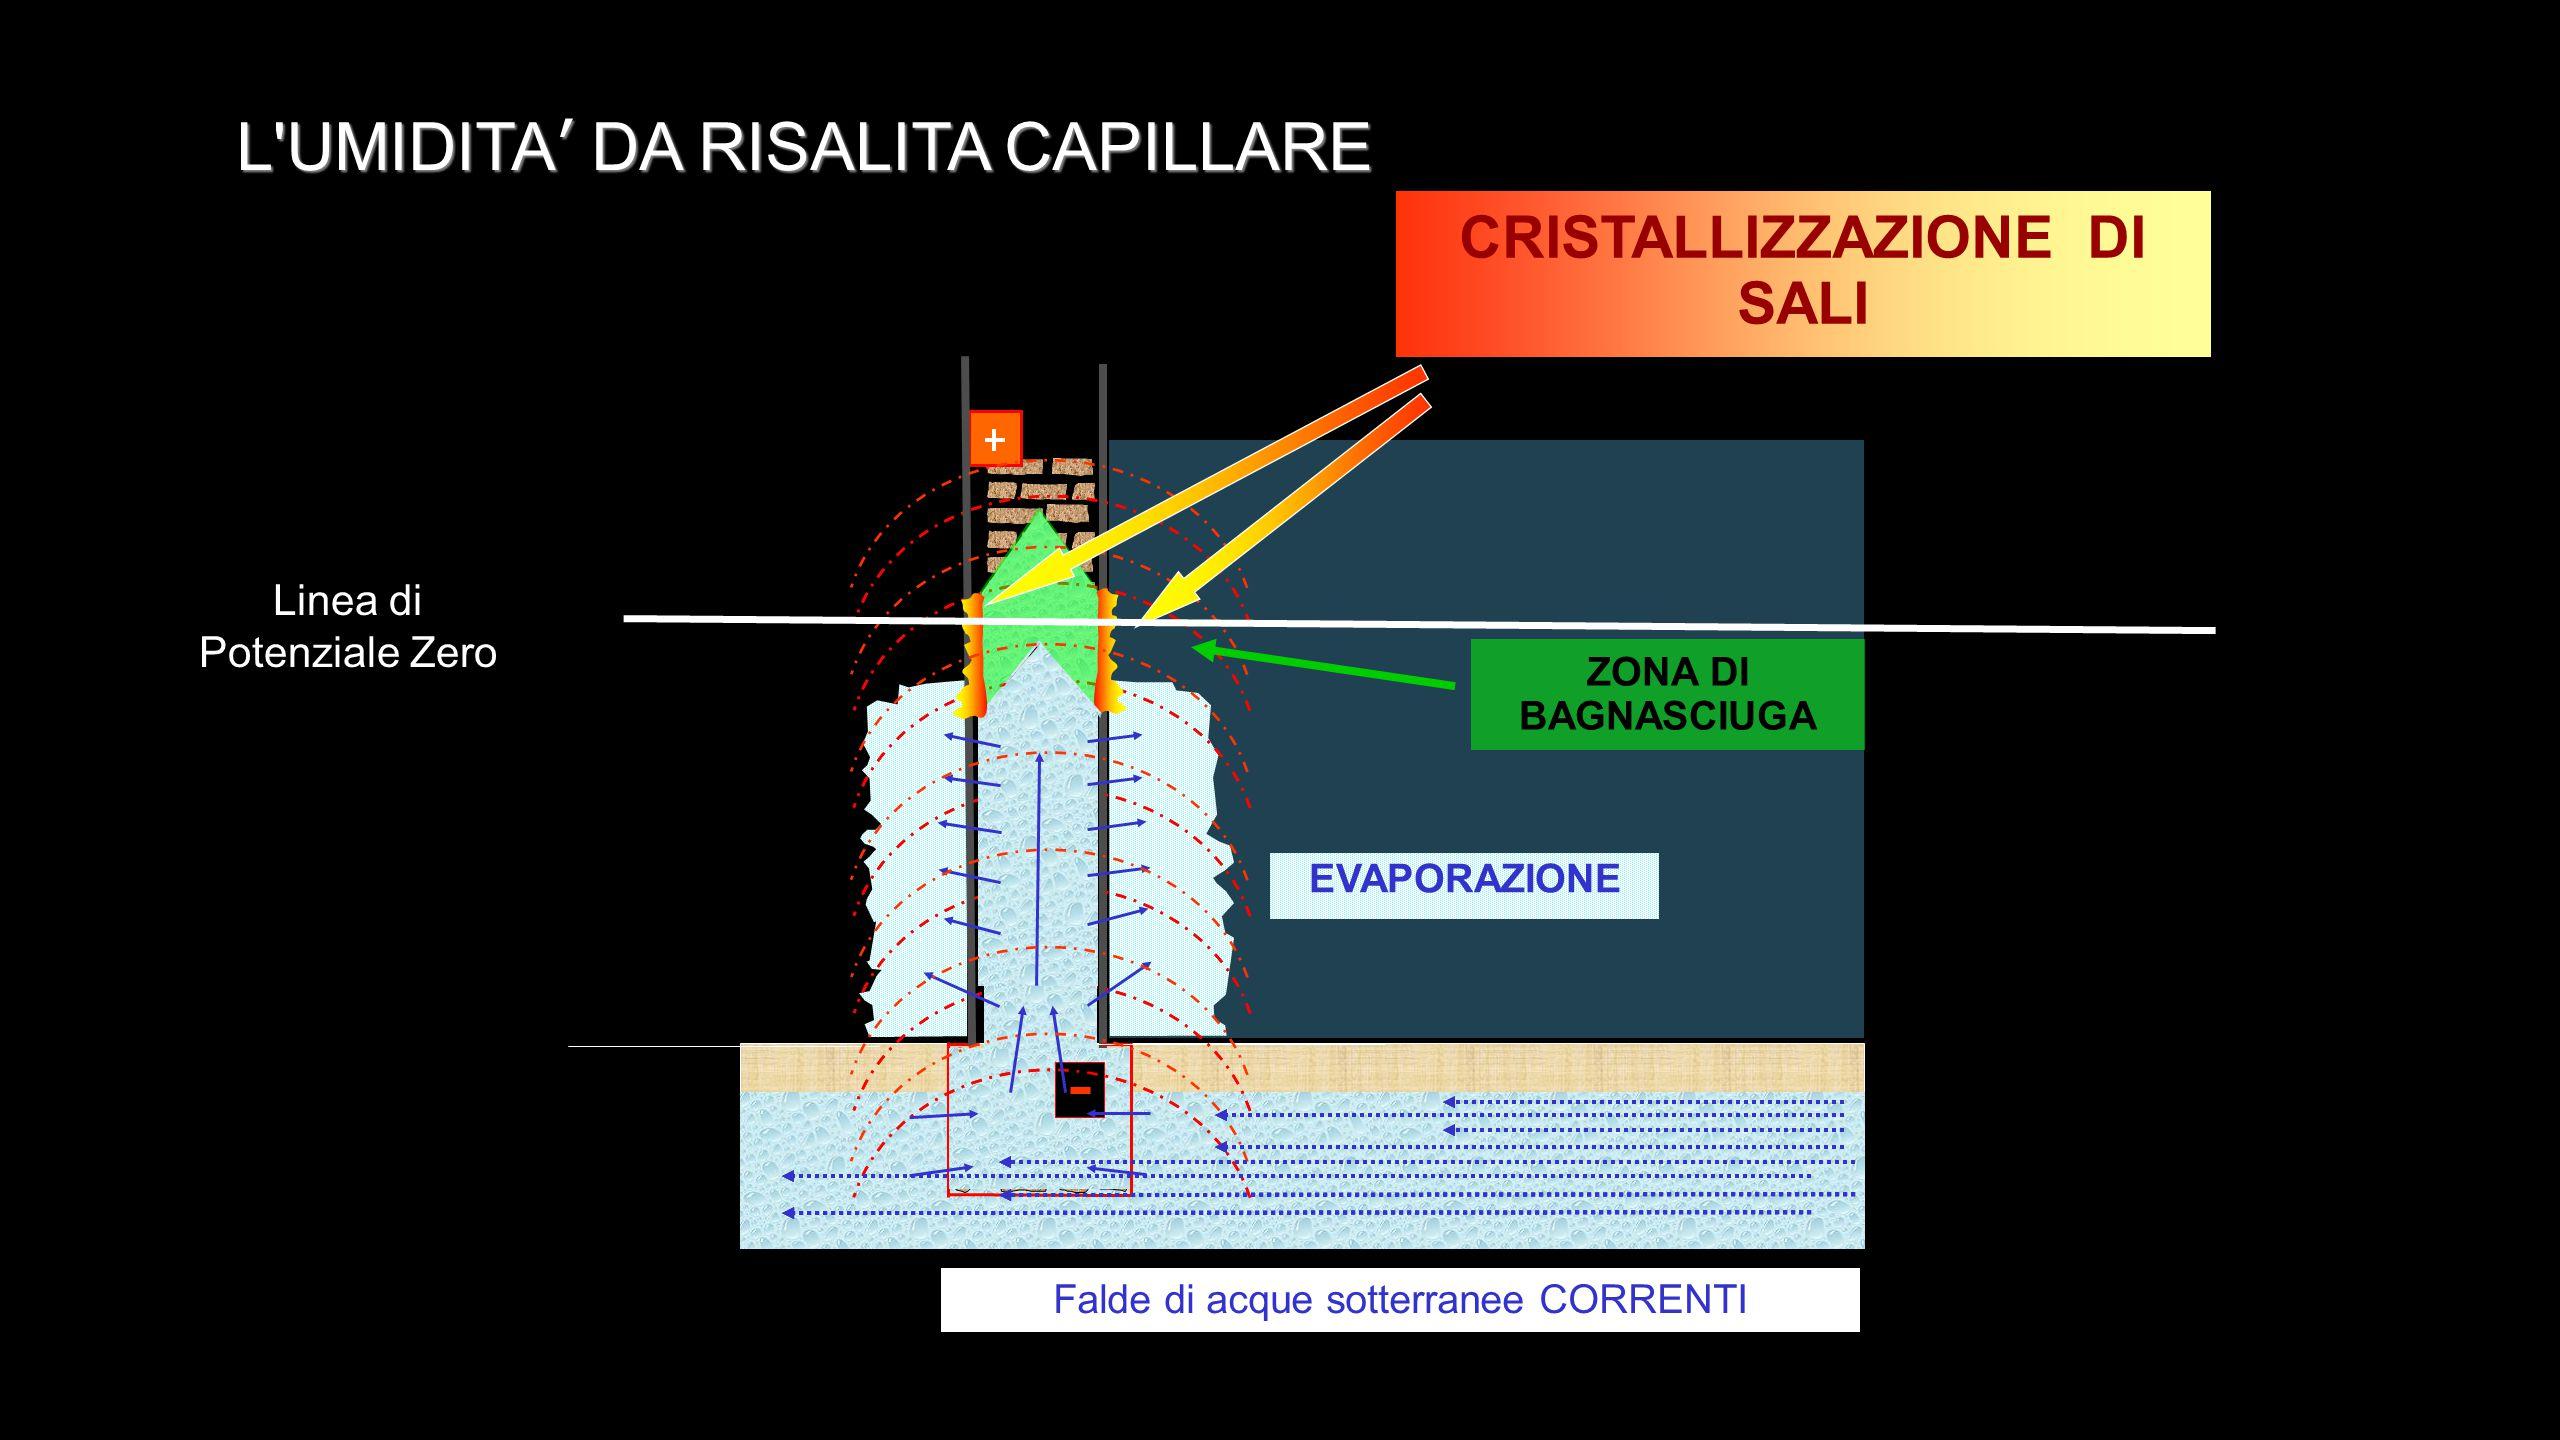 ZONA DI BAGNASCIUGA EVAPORAZIONE CRISTALLIZZAZIONE DI SALI L'UMIDITA' DA RISALITA CAPILLARE Linea di Potenziale Zero Falde di acque sotterranee CORREN